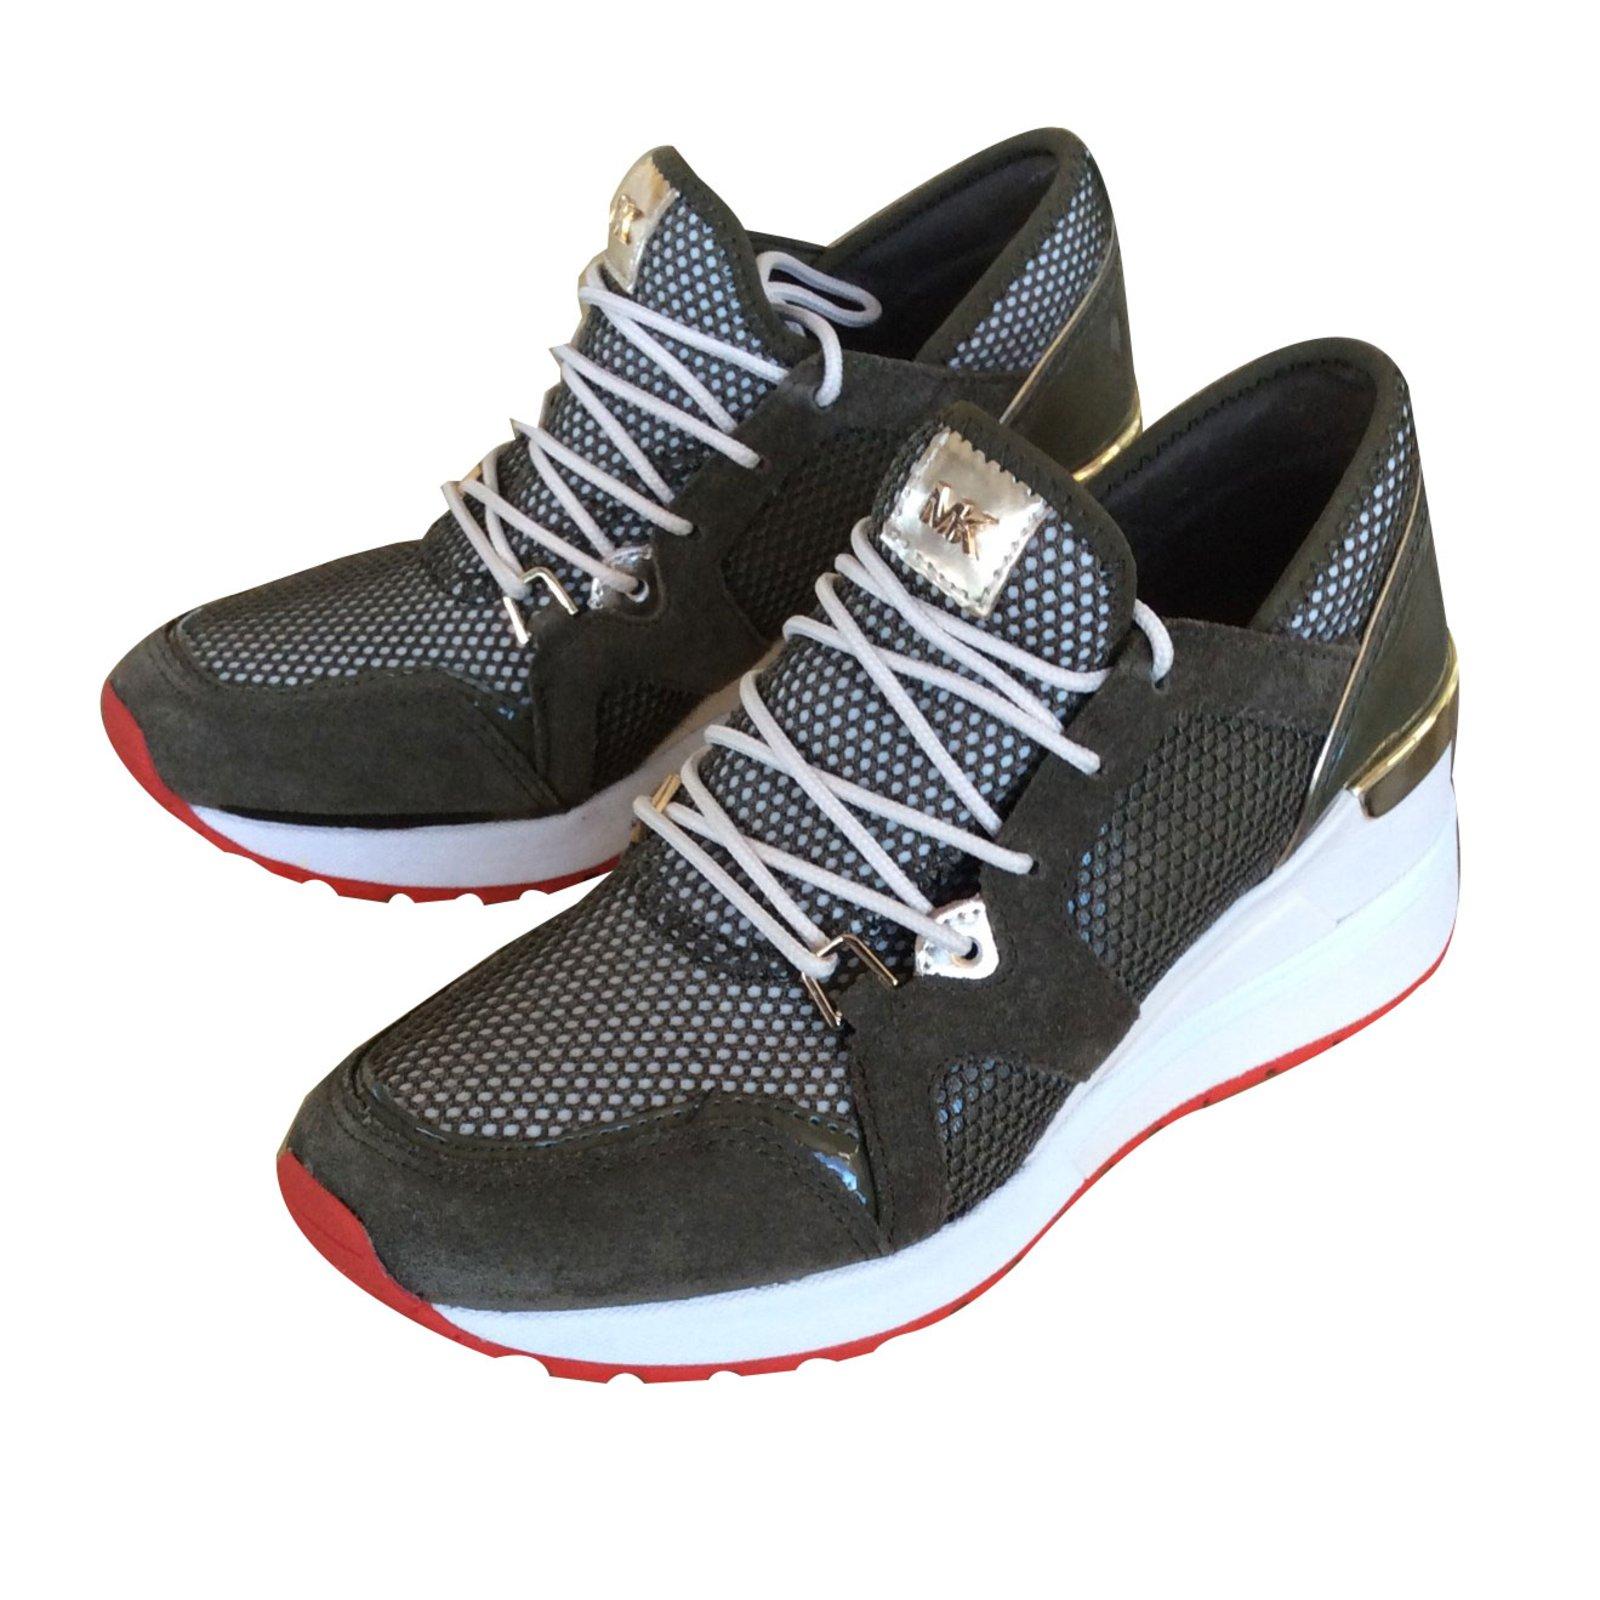 Michael Kors Sneakers Sneakers Leather